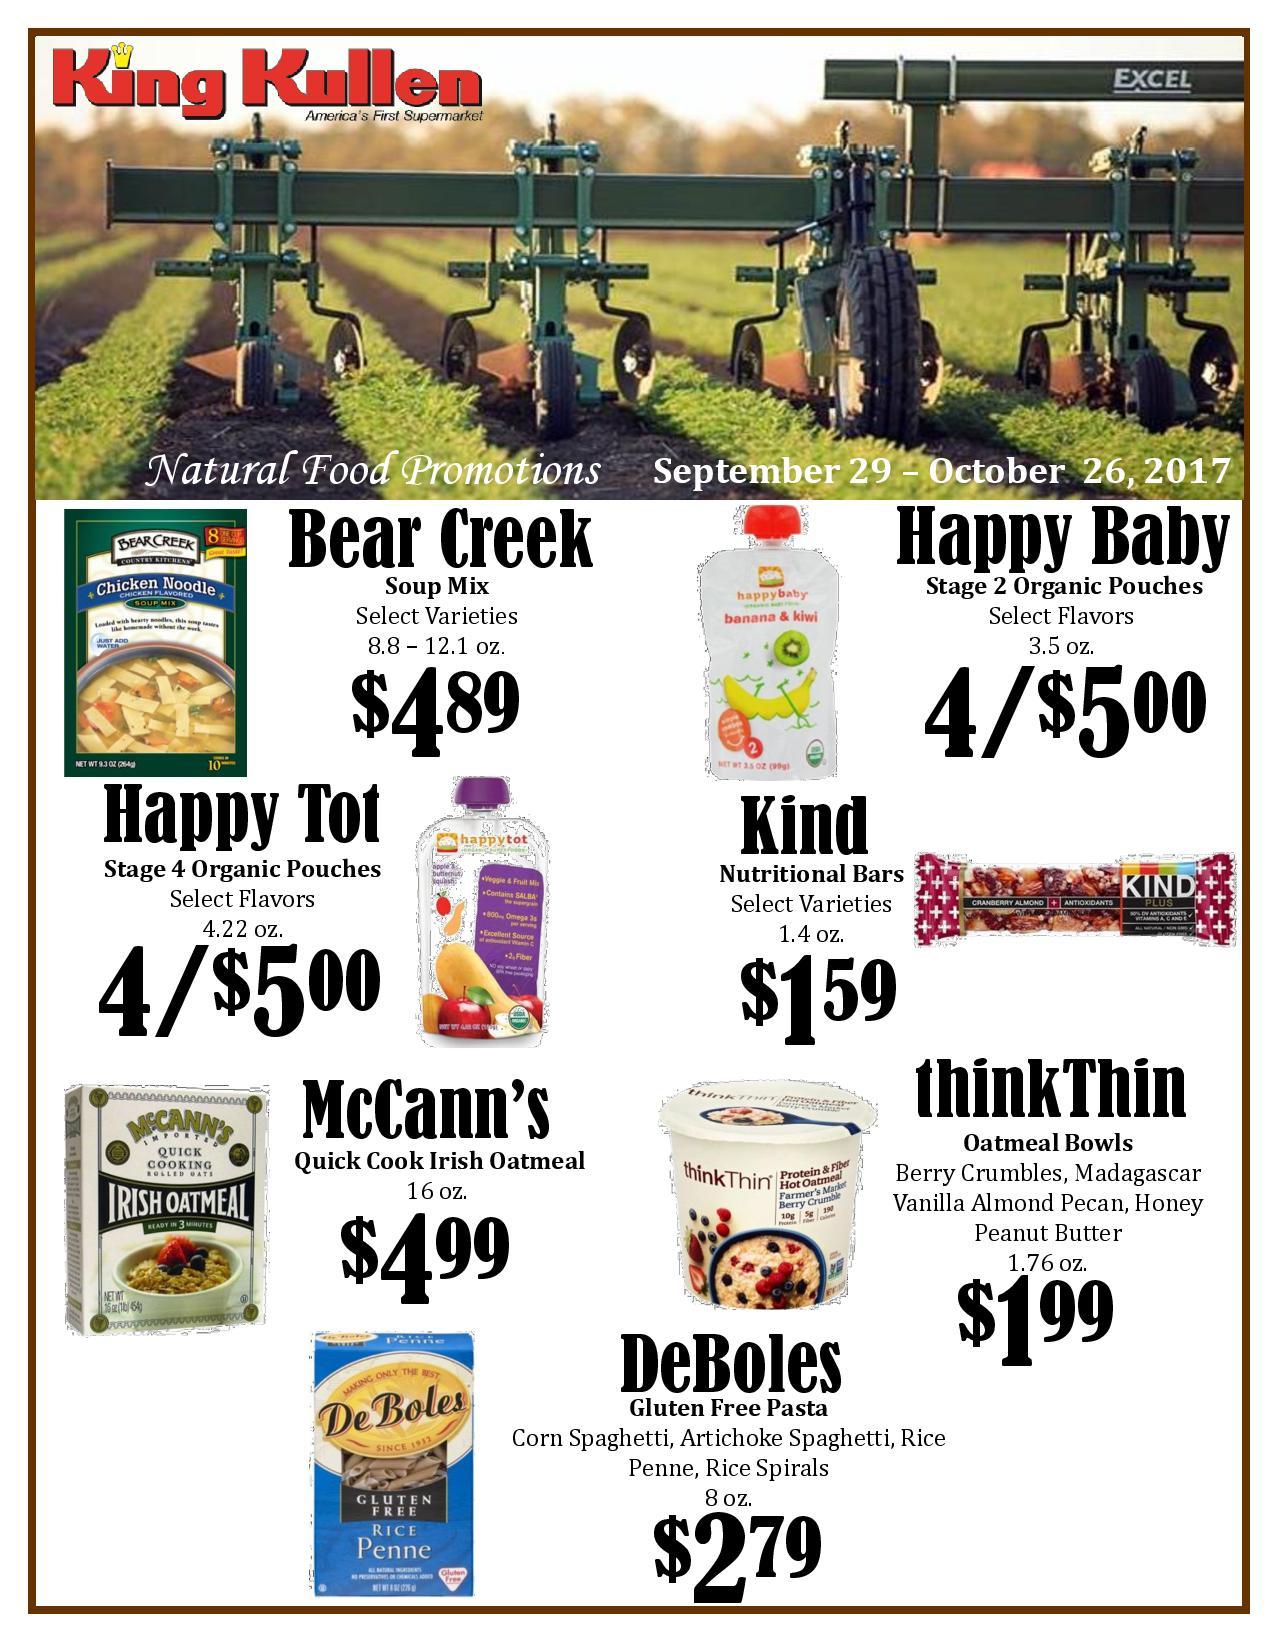 Natural Food Promotions King Kullen